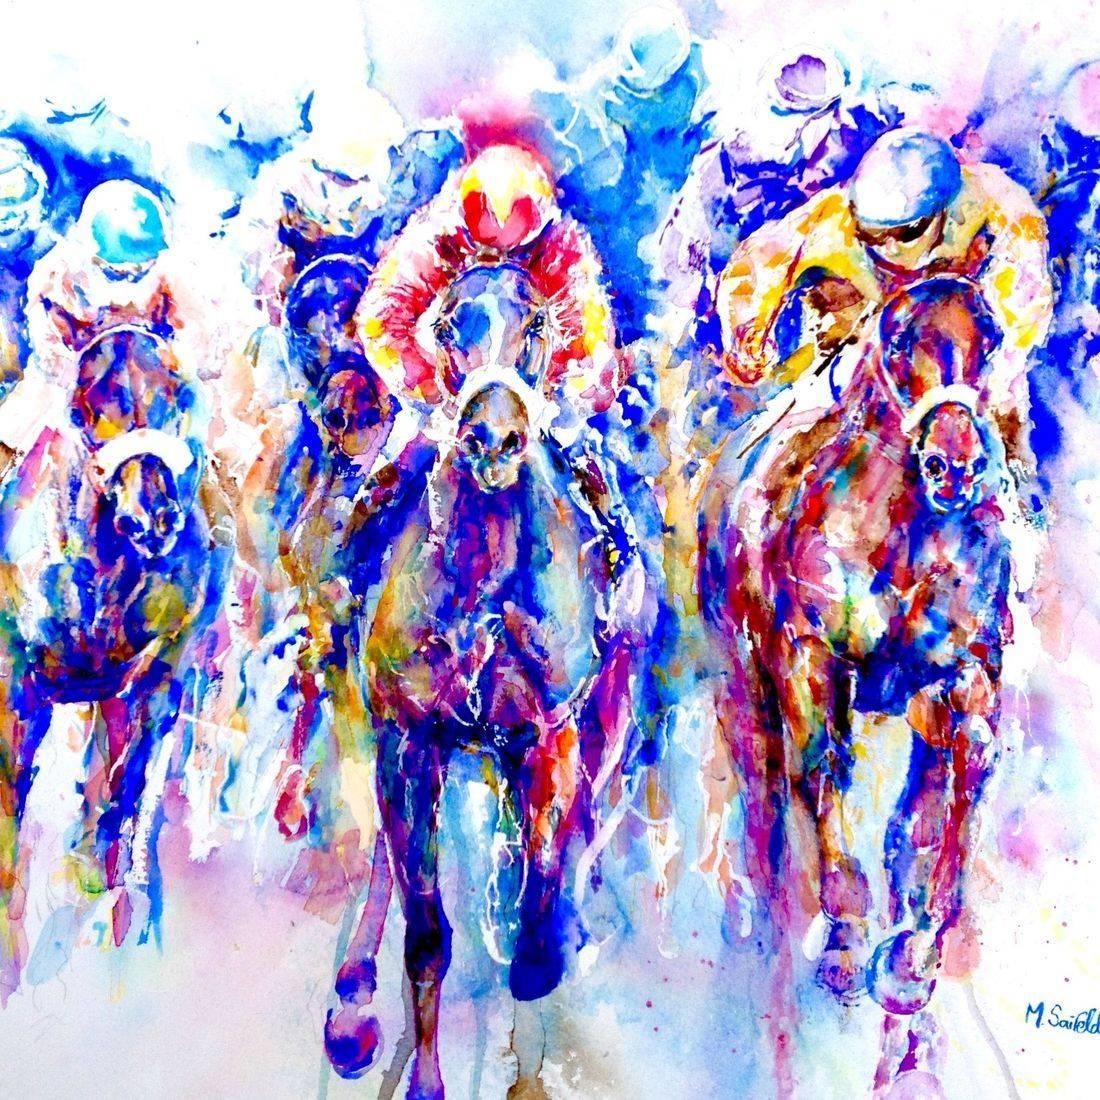 Aintree Racecourse by Mary Saifelden